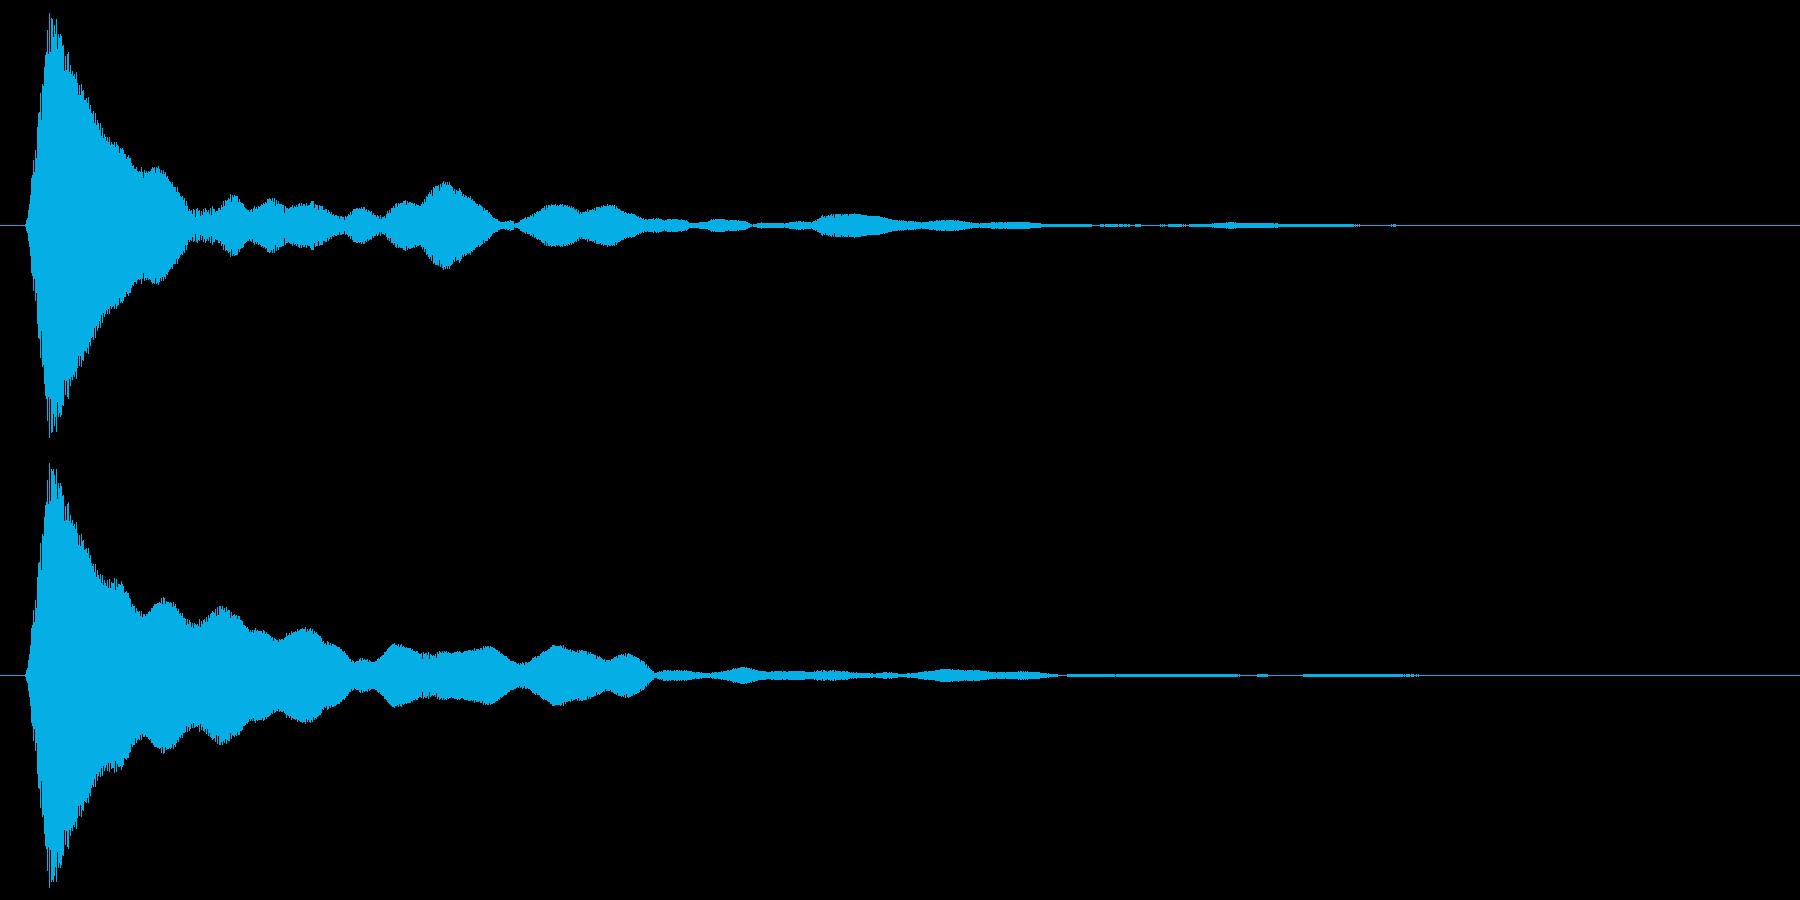 テック系ボタン音3(ターン)の再生済みの波形